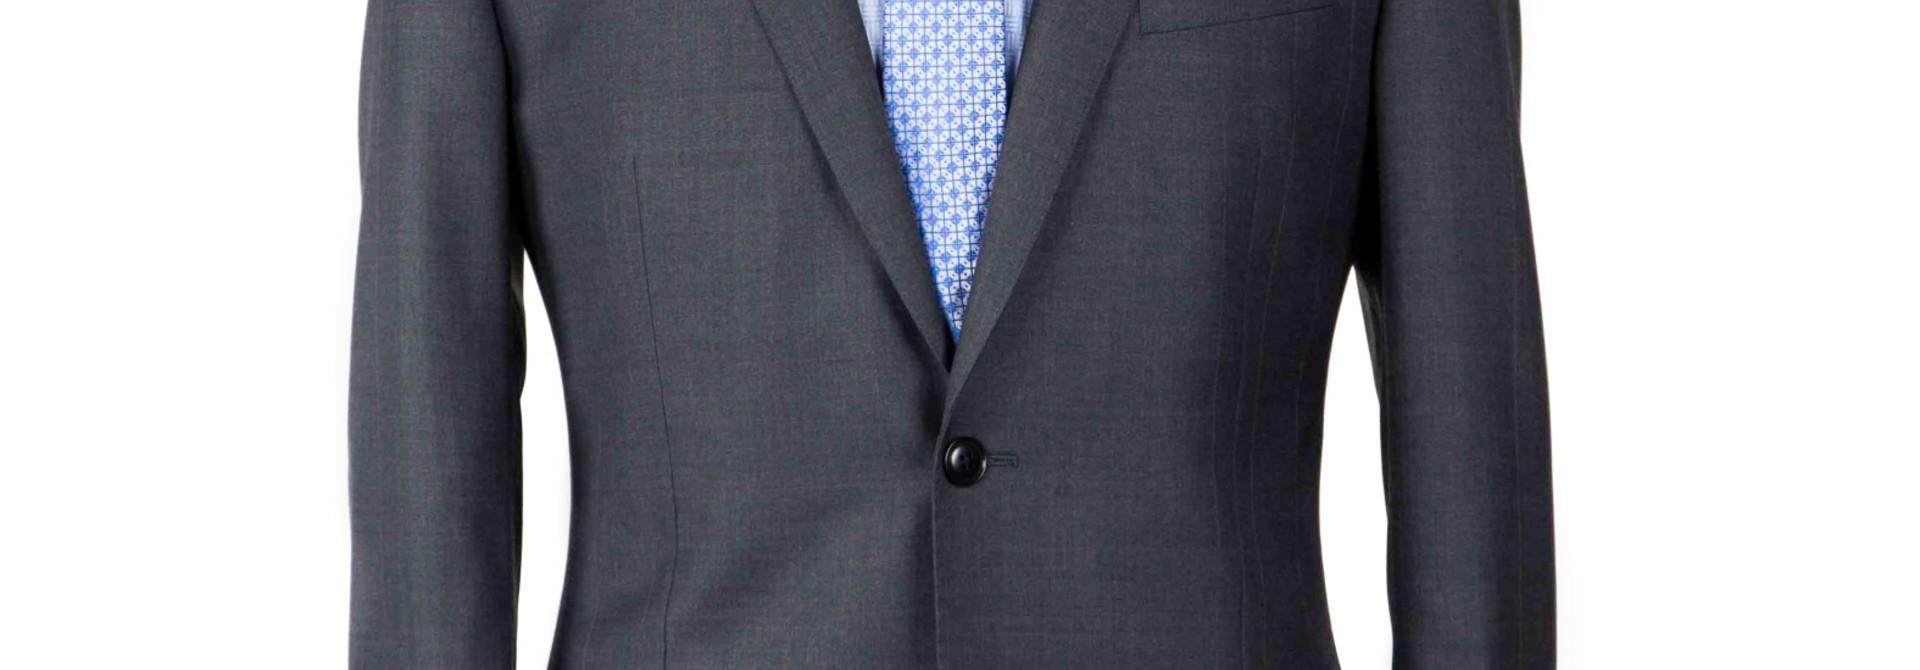 Asser S150s Grey Suit